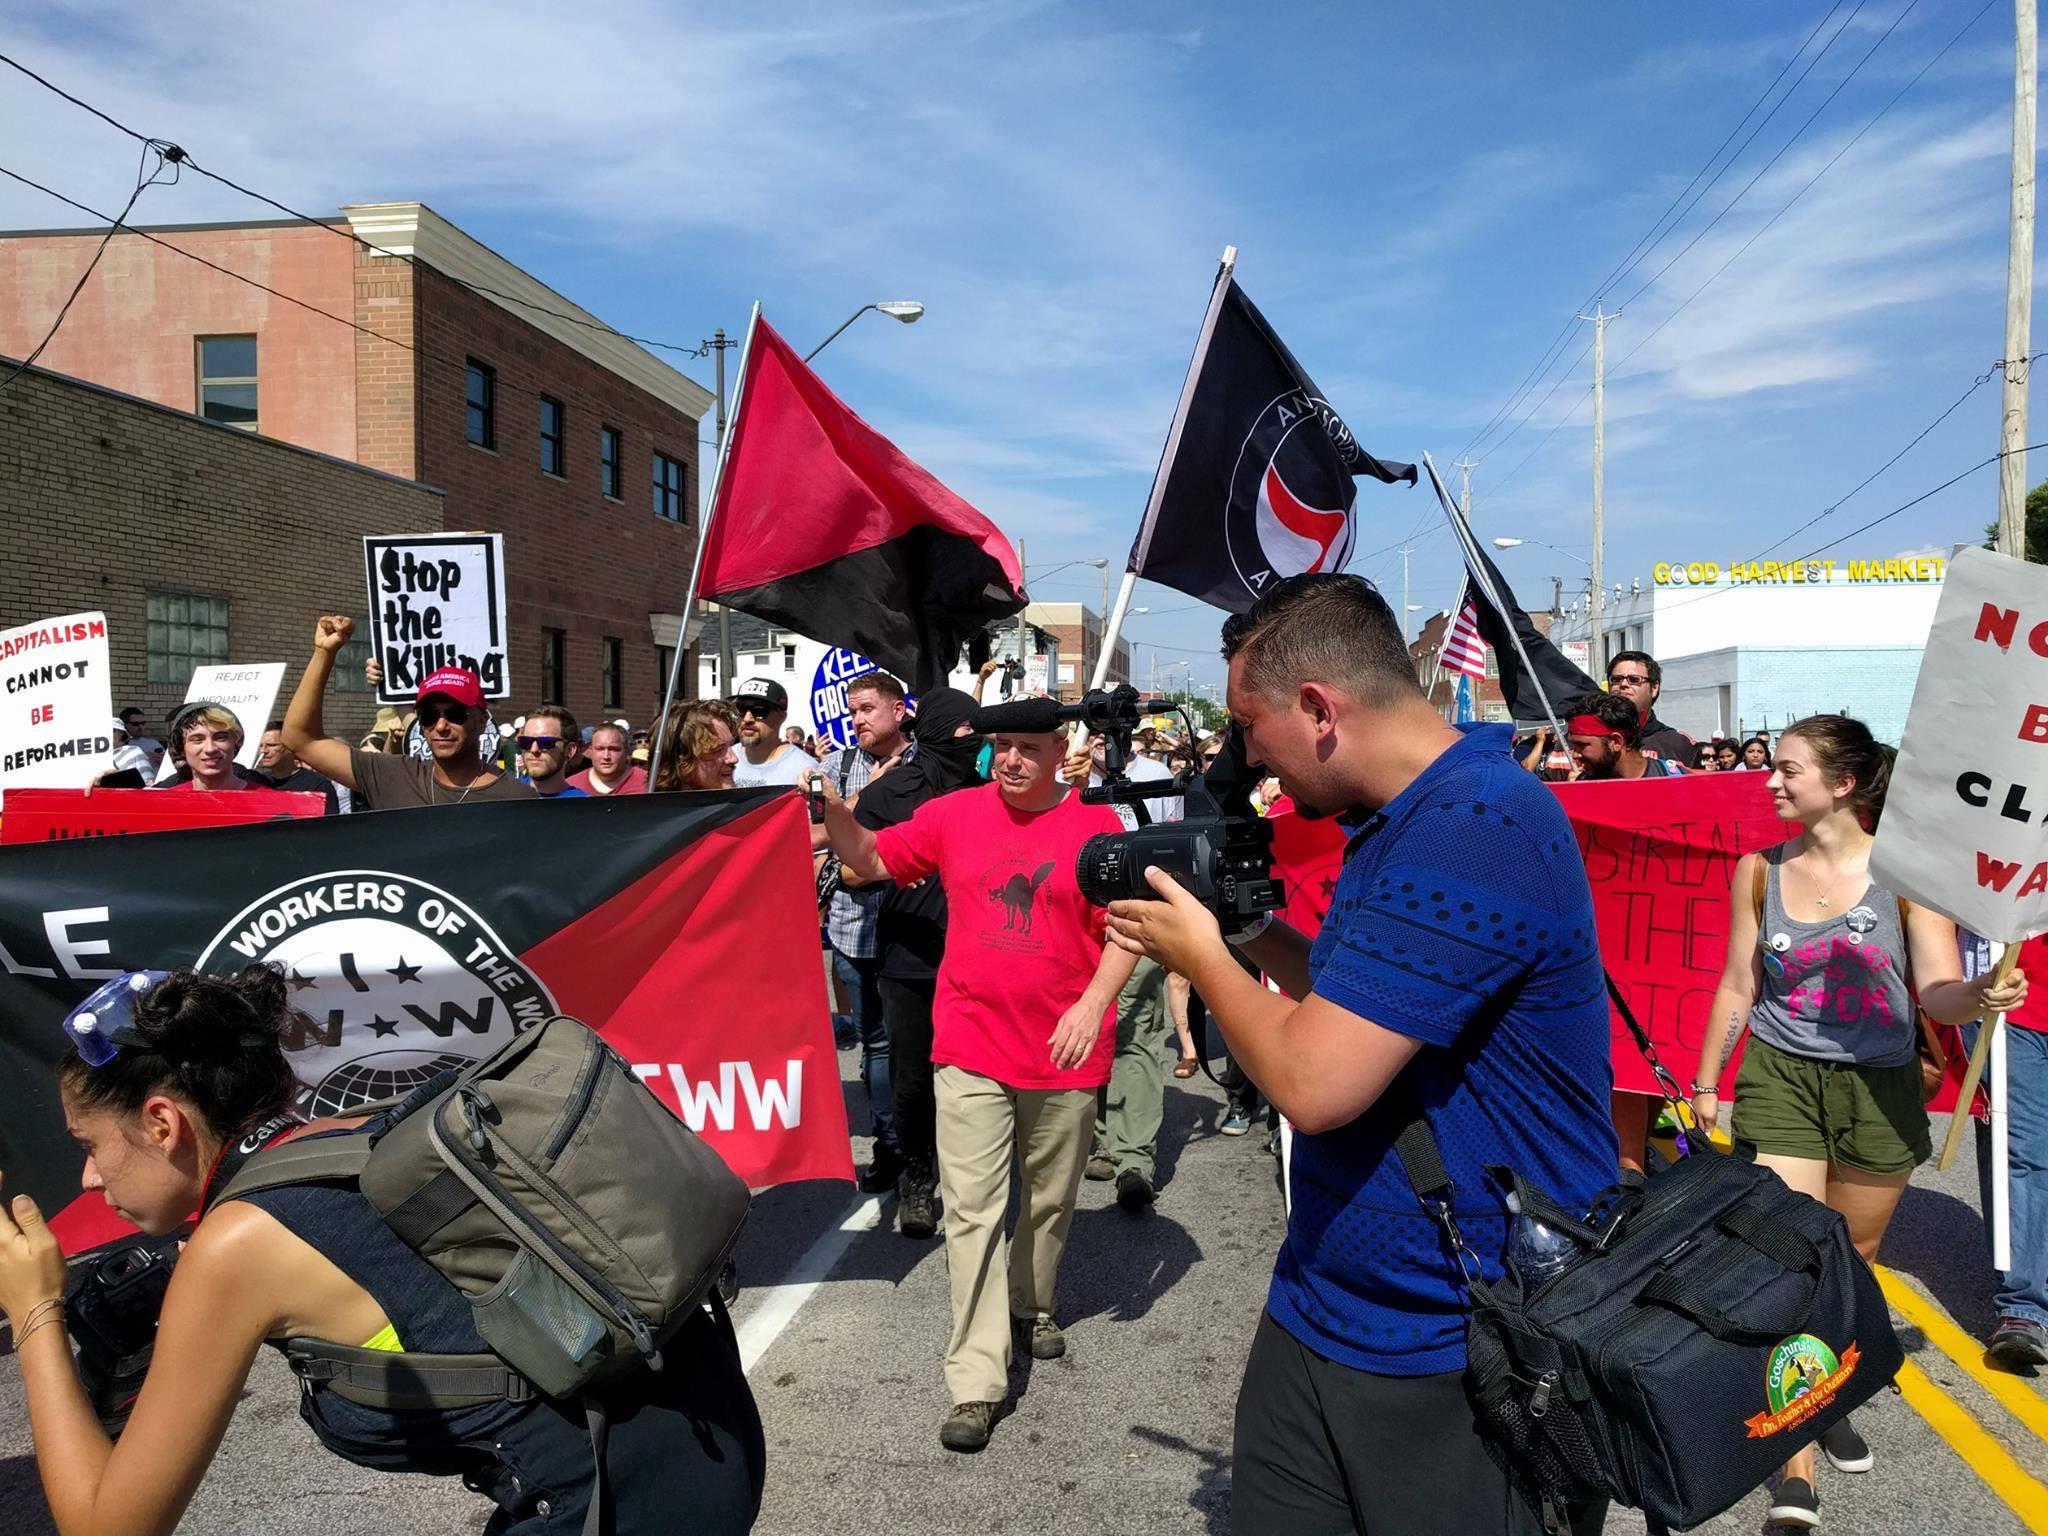 B Real на шествие на анархо-синдикатът IWW (Industrial Workers of the World) през лятото на 2016г.